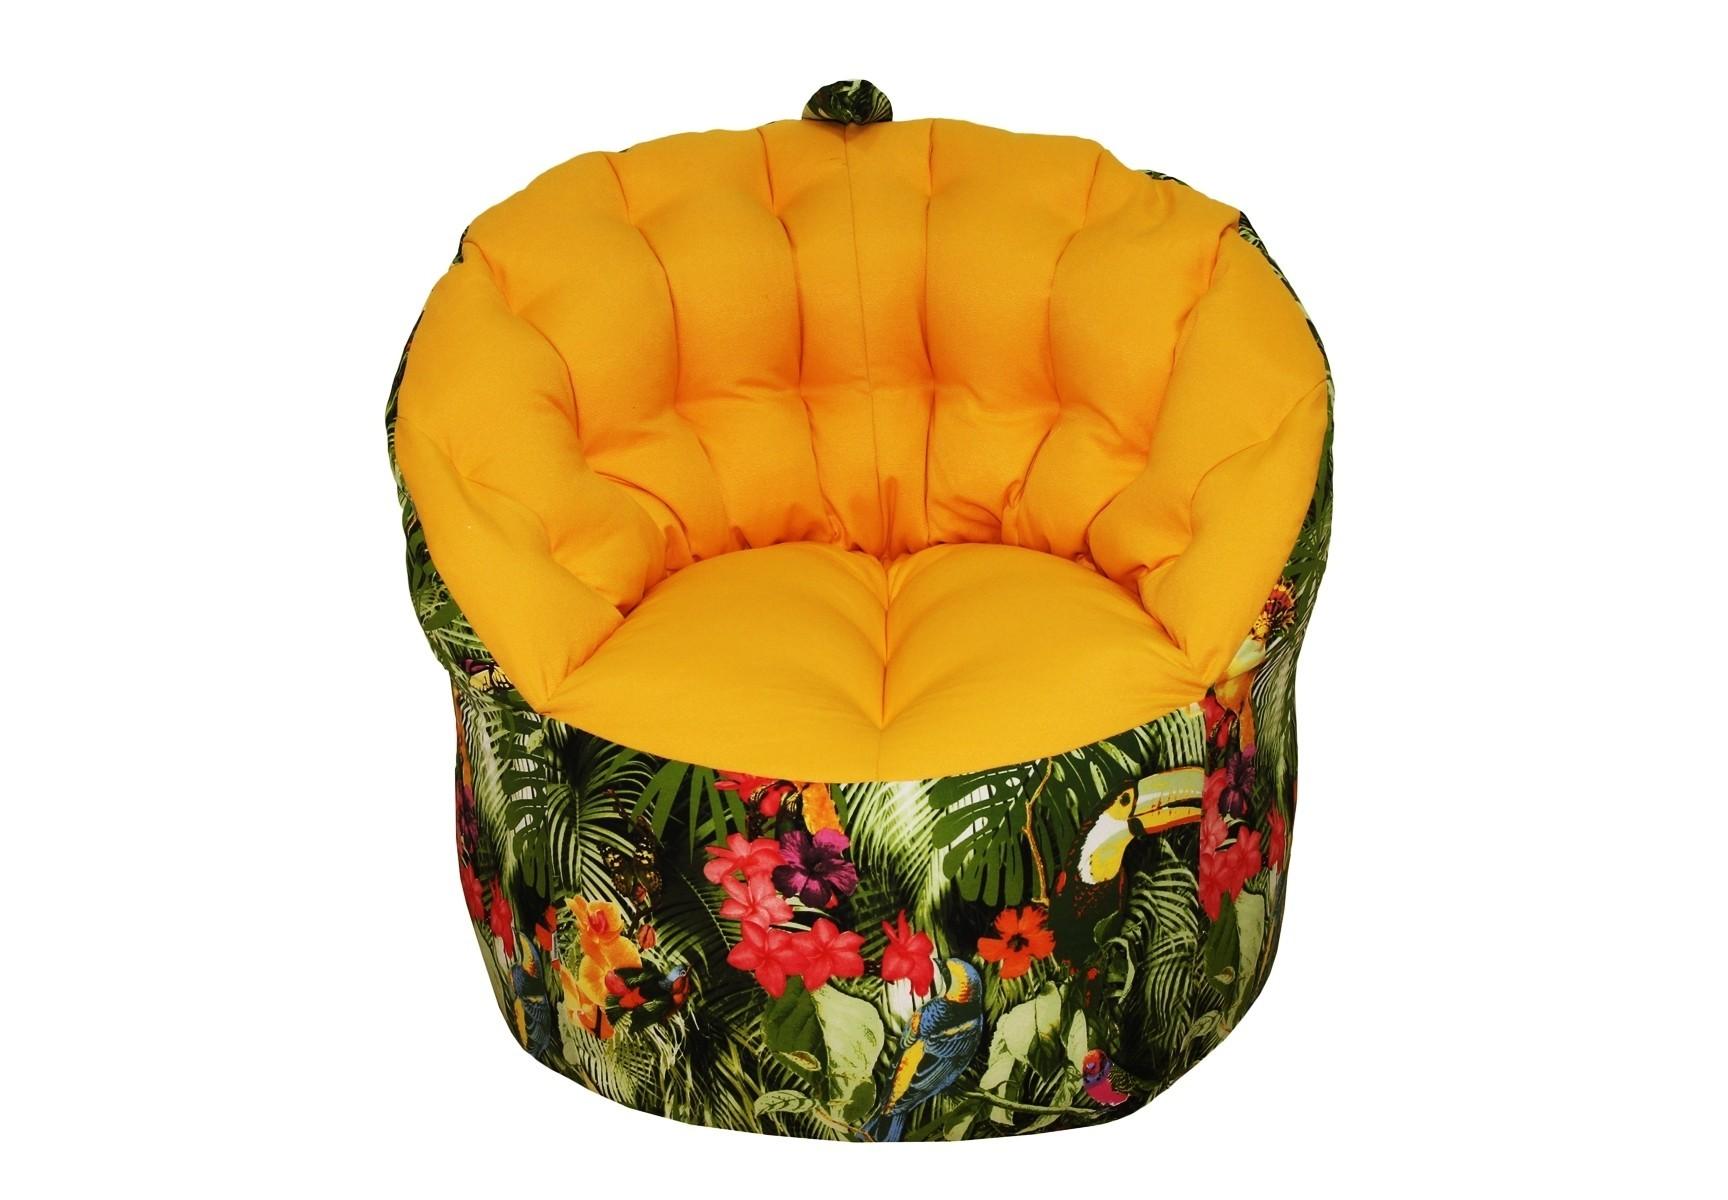 Кресло-пуфФорменные пуфы<br>Комфортное кресло-пуф станет неотьемлемой частью вашего дома. Спинка кресла держит форму и обеспечивает круговую поддержку для спины за счет особой системы пошива. Кресло имеет 2 независимых отсека для наполнителя. Эксклюзивная   ткань разбавит ваш интерьер яркими красками.<br><br>Material: Текстиль<br>Ширина см: 84<br>Высота см: 79<br>Глубина см: 91